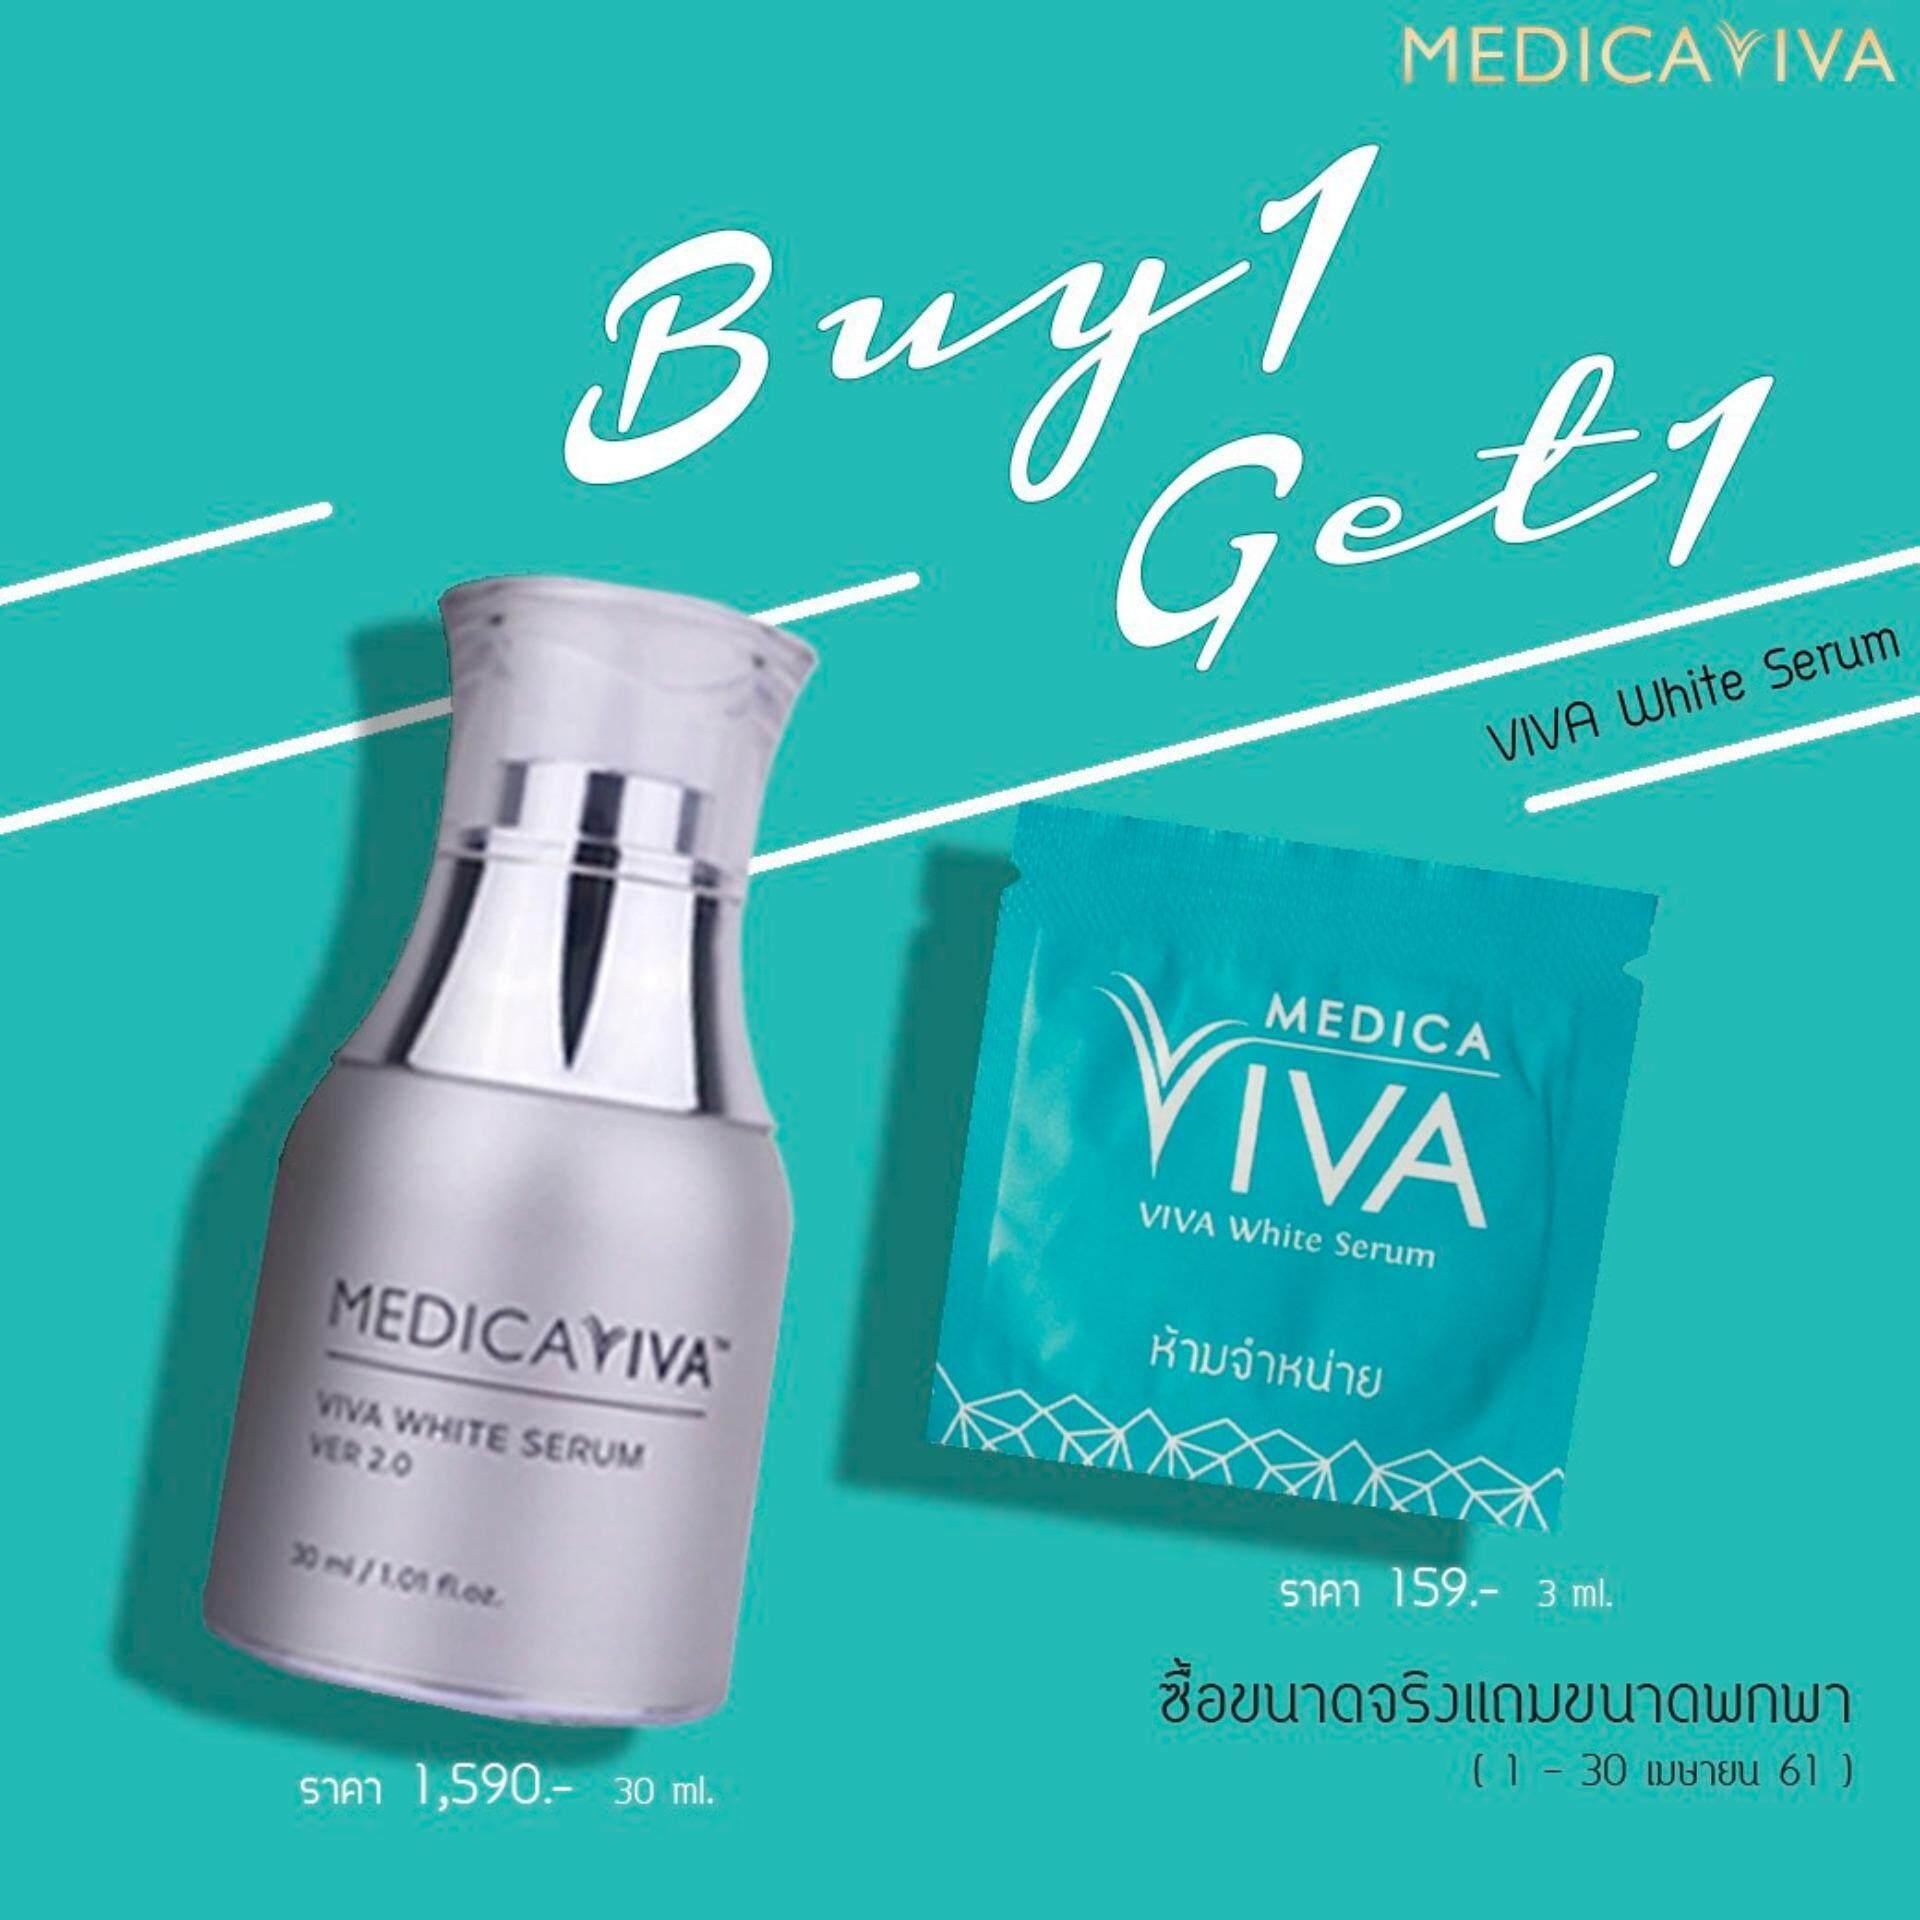 ราคา Medica Viva White Serum Version 2 เมดิก้า วิว่า ไวท์ เซรั่ม เวอร์ชั่น 2 30 Ml Medica Viva เป็นต้นฉบับ